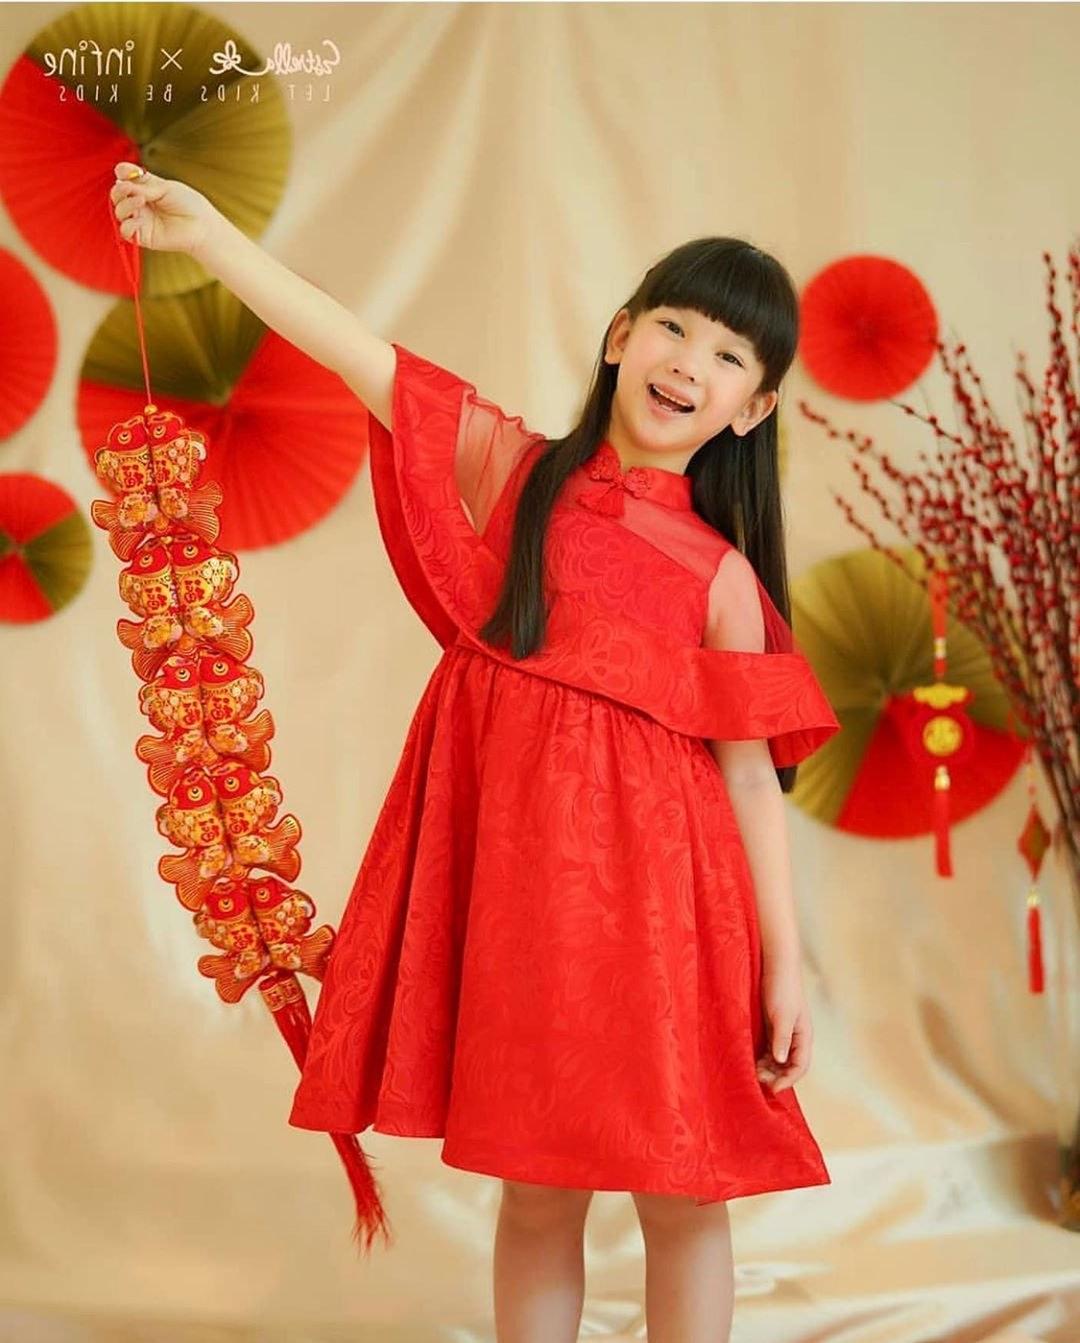 Inspirasi Trend Baju Lebaran Tahun 2020 Thdr 22 Trend Model Baju Pesta Anak Terbaru 2020 Model Kebaya